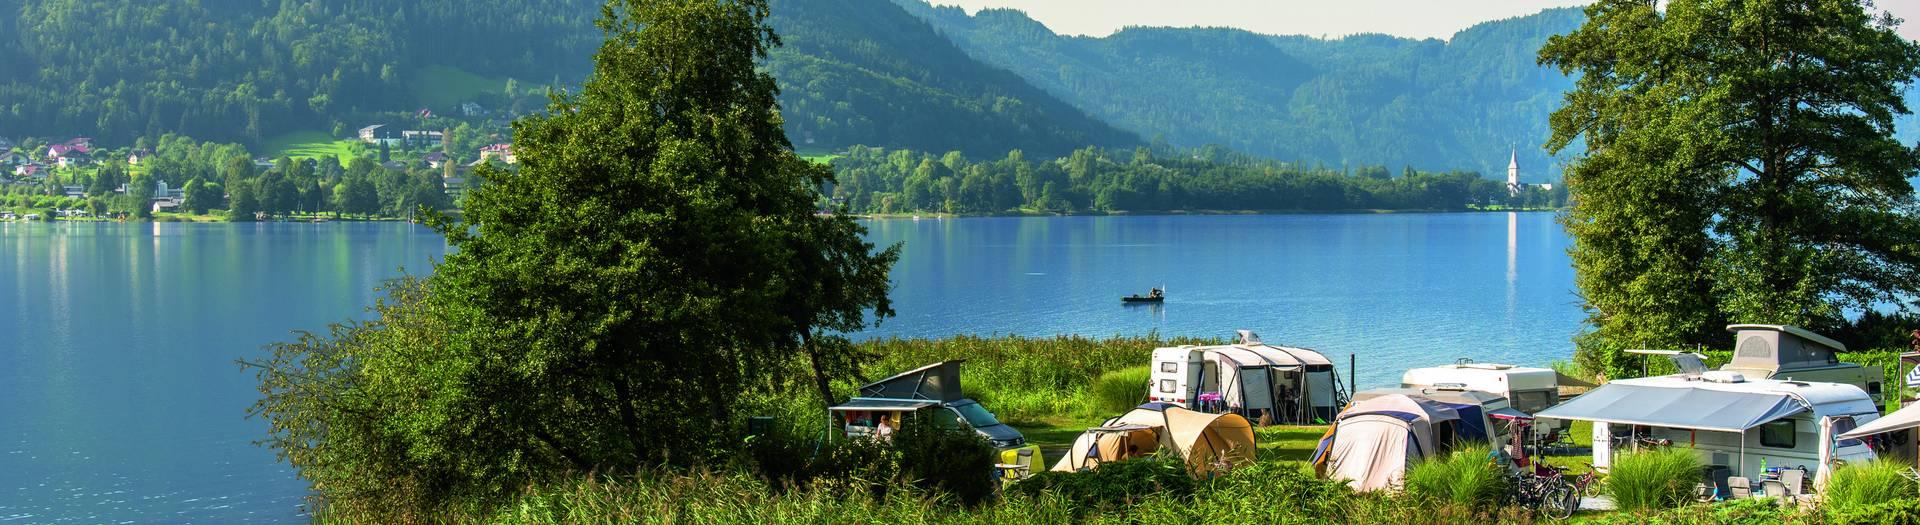 <p>Camping in Kärnten, Seecamping Hoffmann</p>